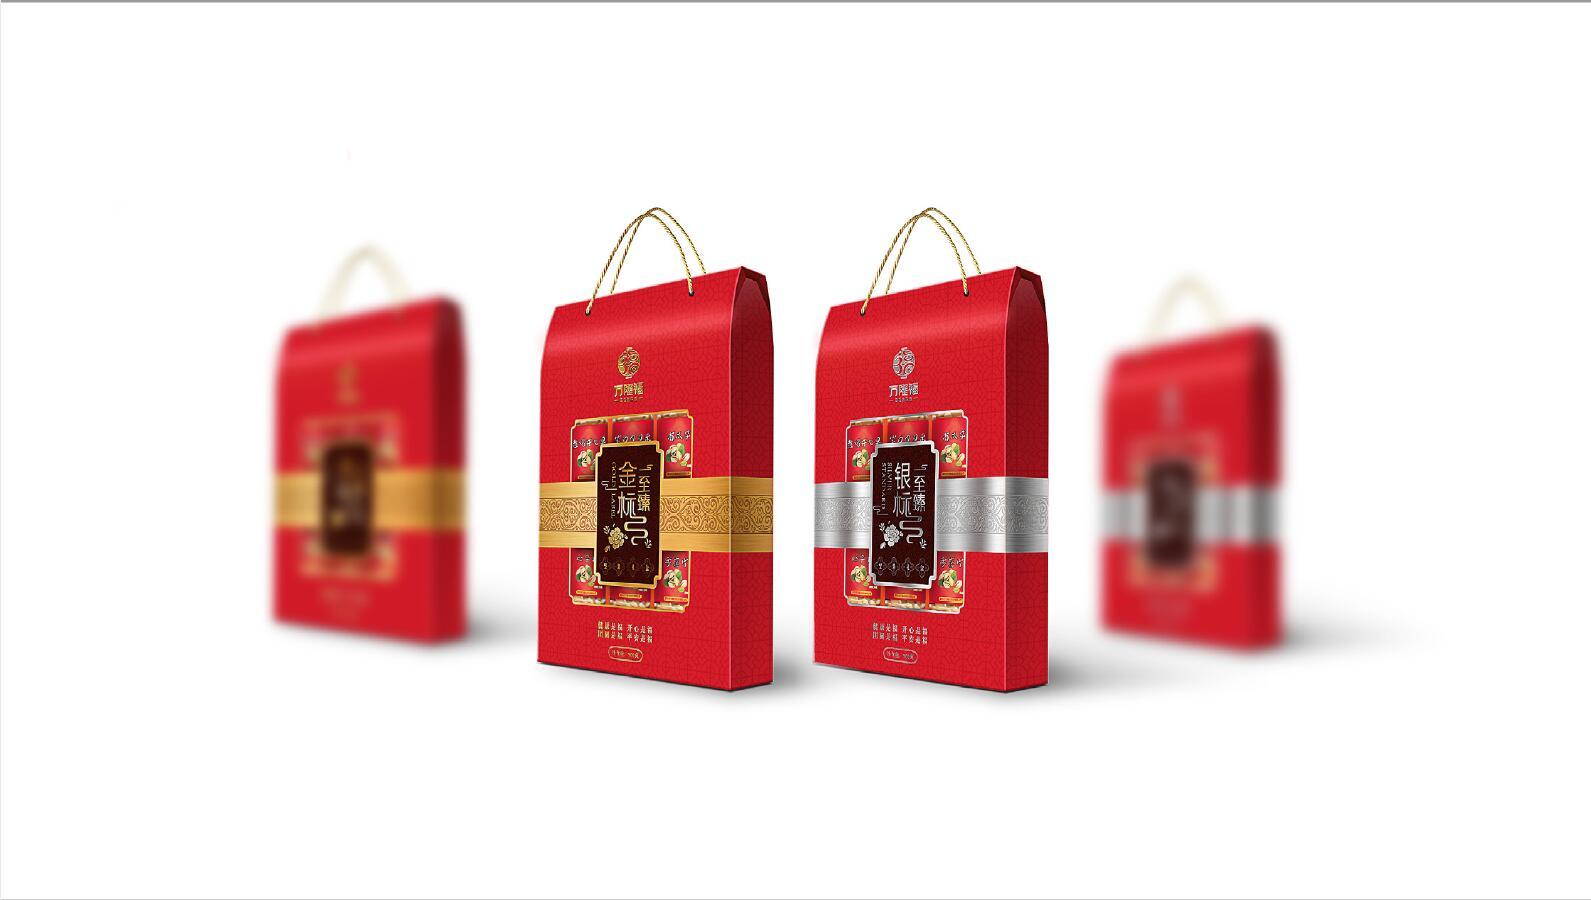 武汉产品包装设计要重点体现什么